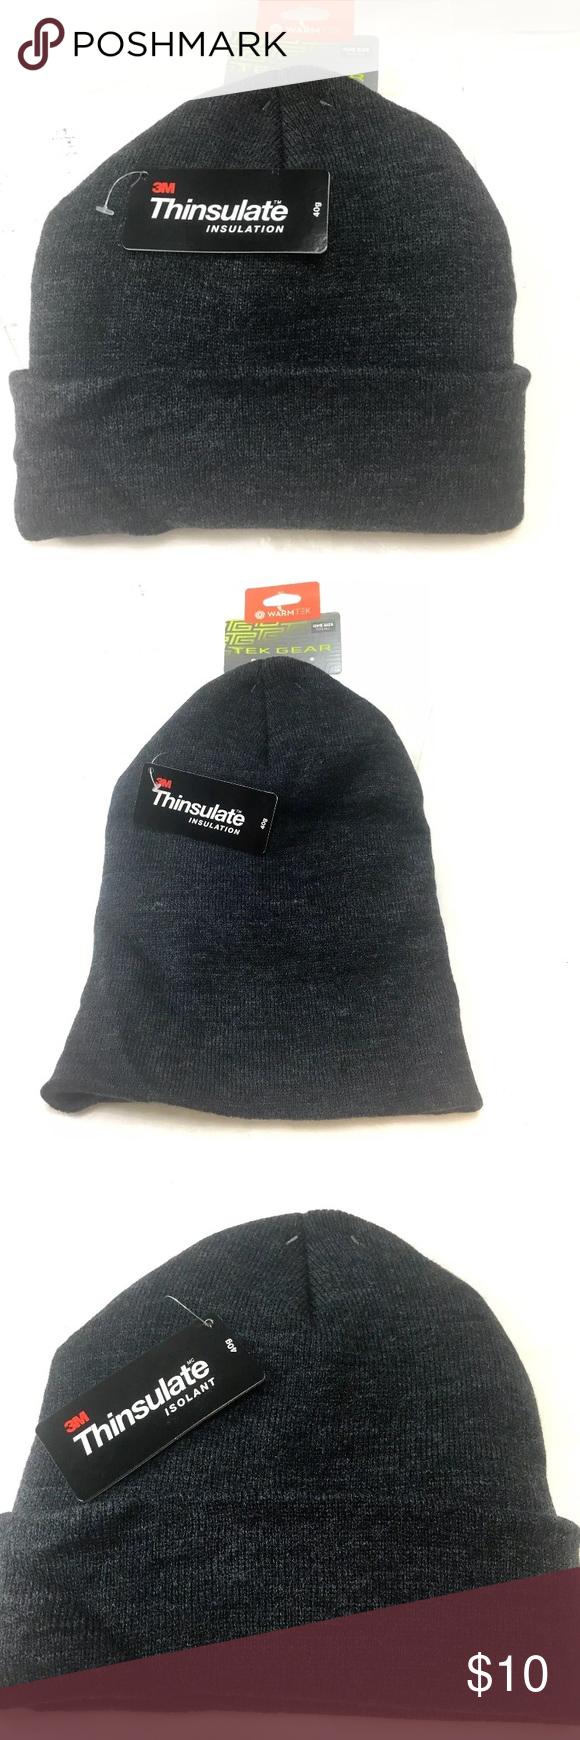 0eac2d0df73 Tek Gear 3M Thinsulate Knit Watch HAT Beanie Tek Gear 3M Thinsulate Gray  Knit Watch HAT